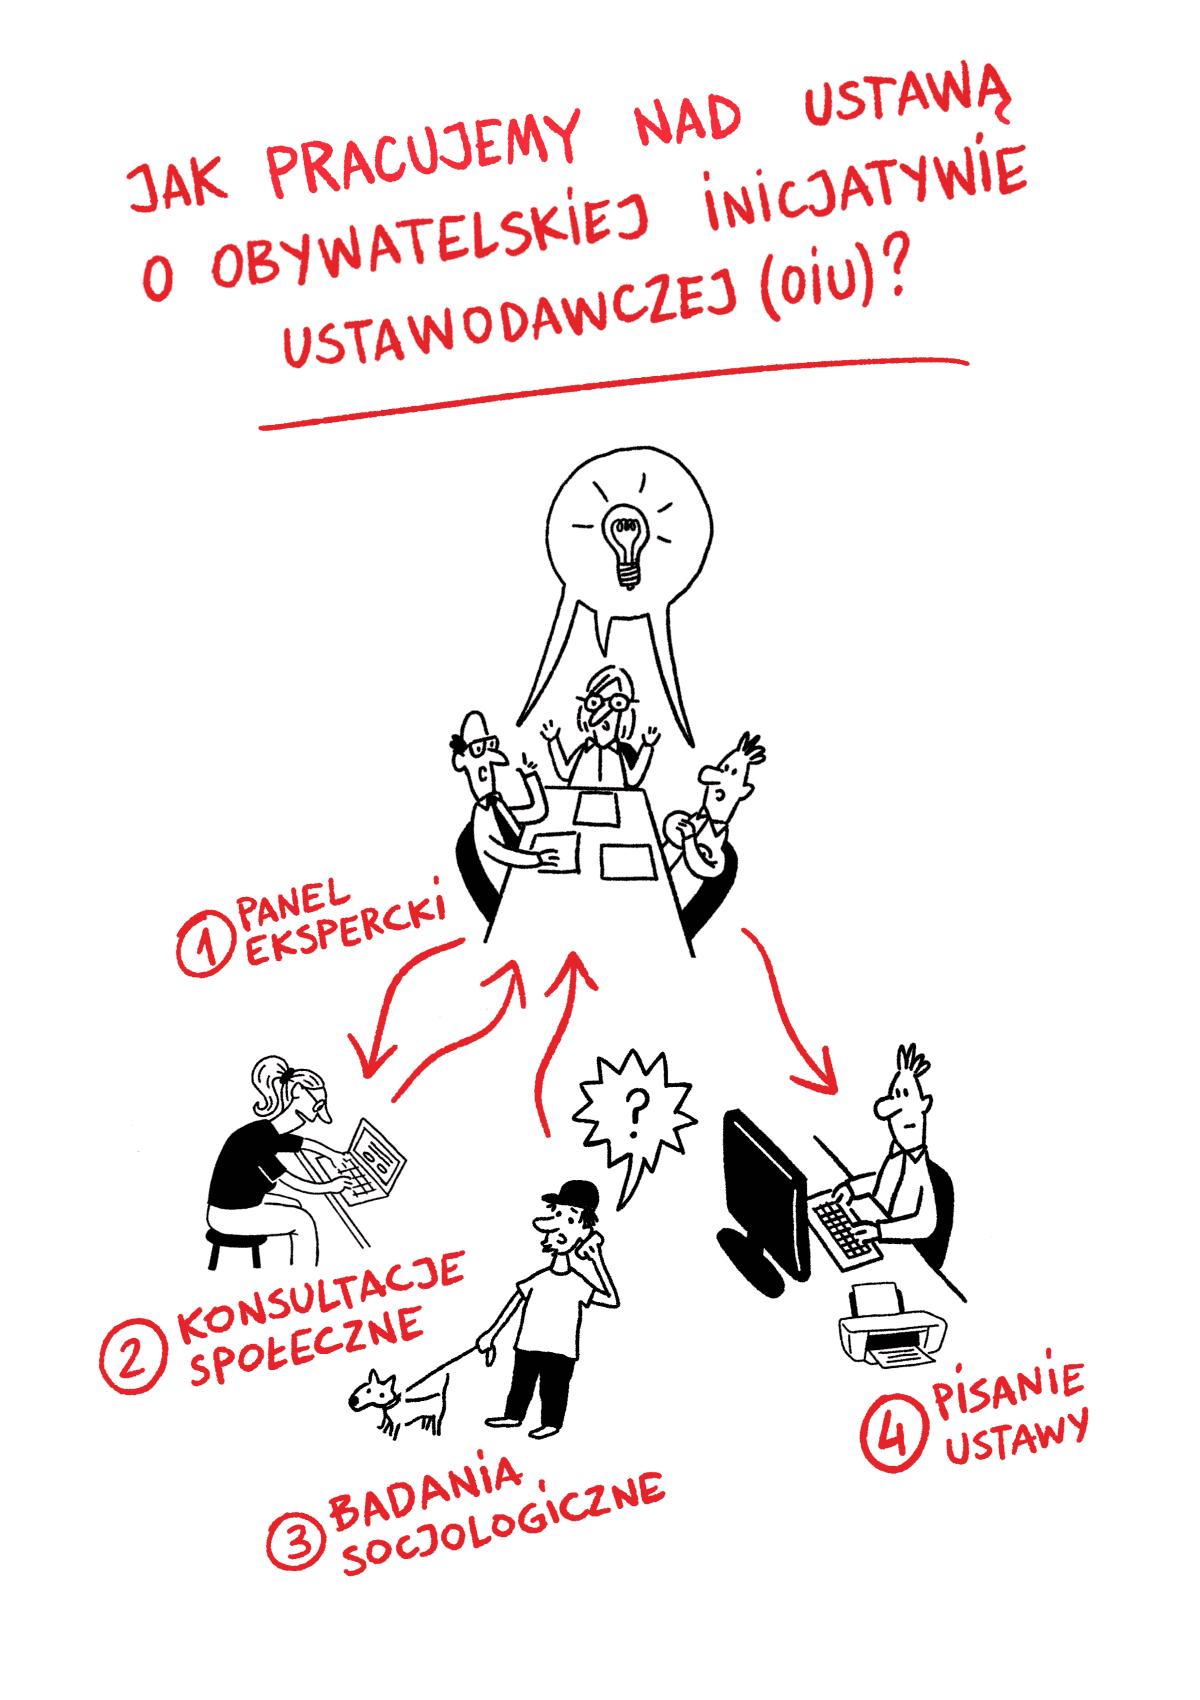 Infografika – Jak pracujemy nad ustawą o obywatelskiej inicjatywie ustawodawczej (OIU)?